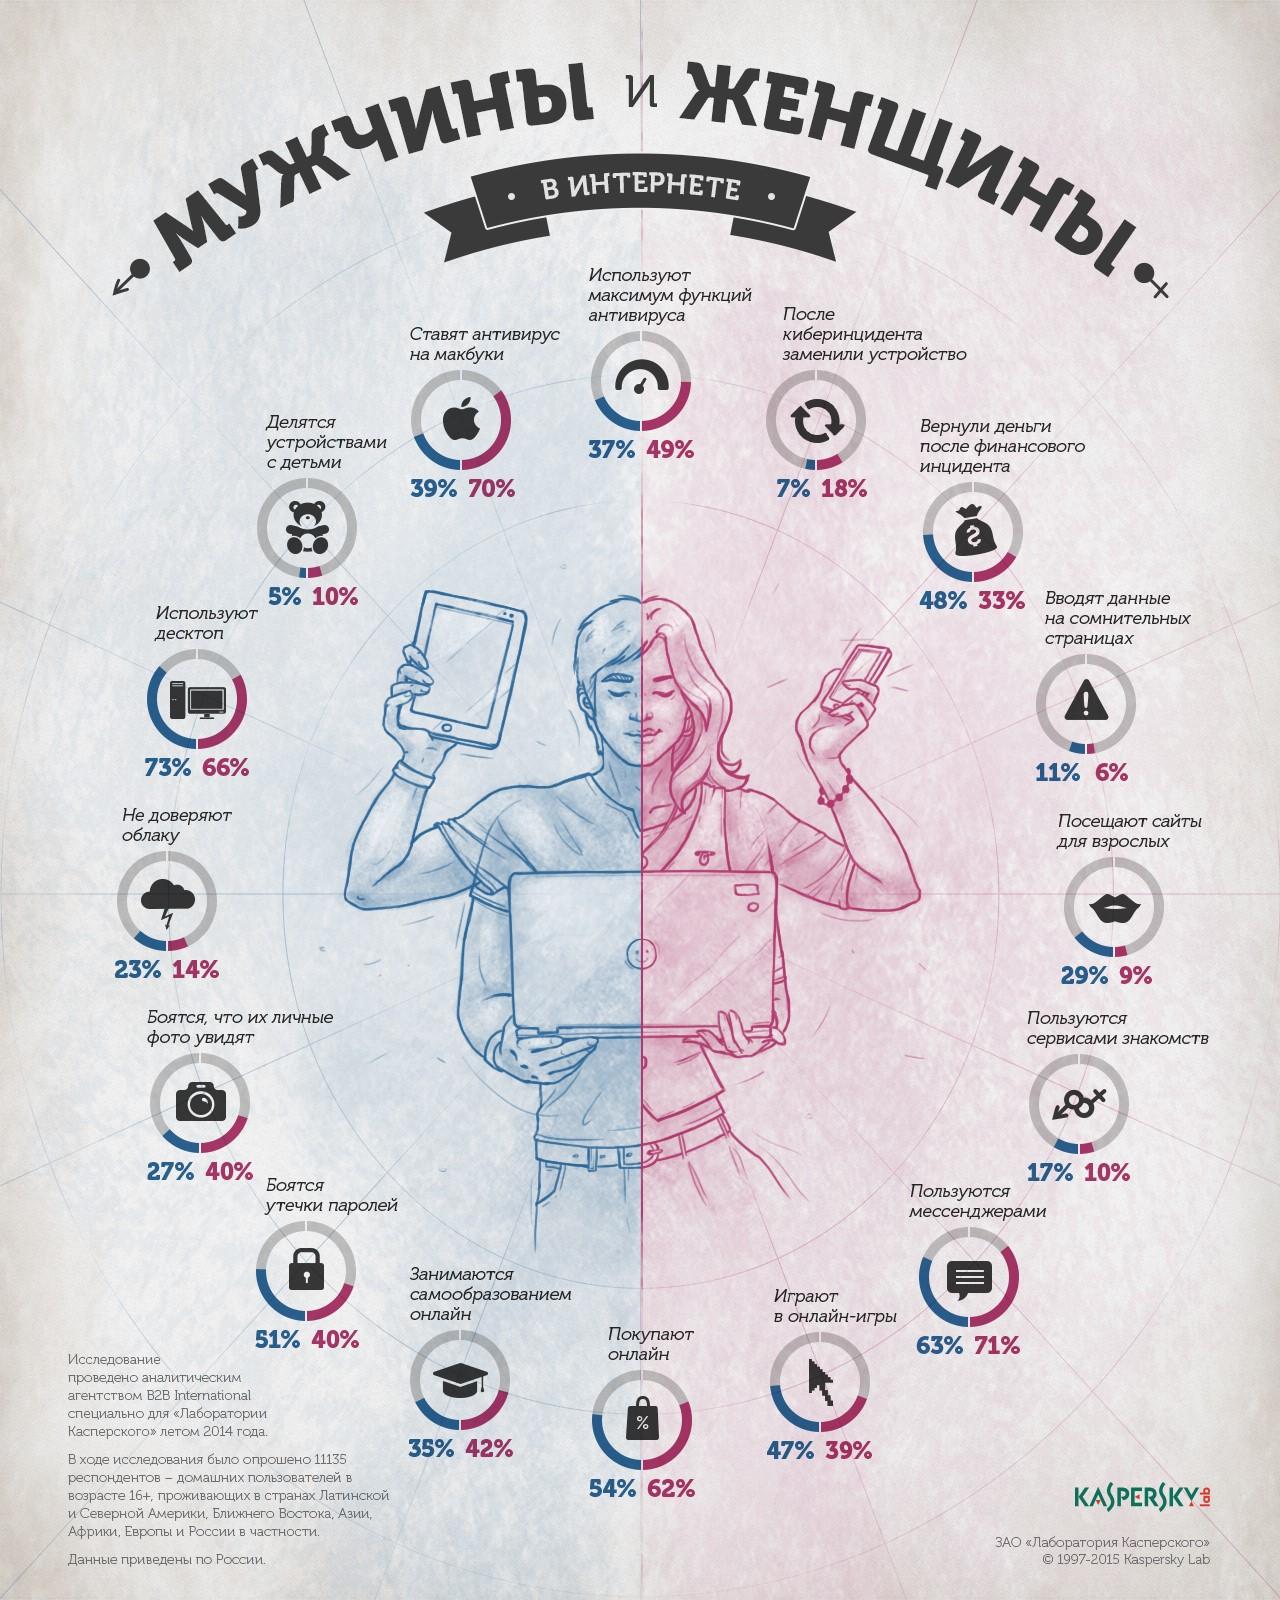 Мужчины и женщины - поведение в интернете